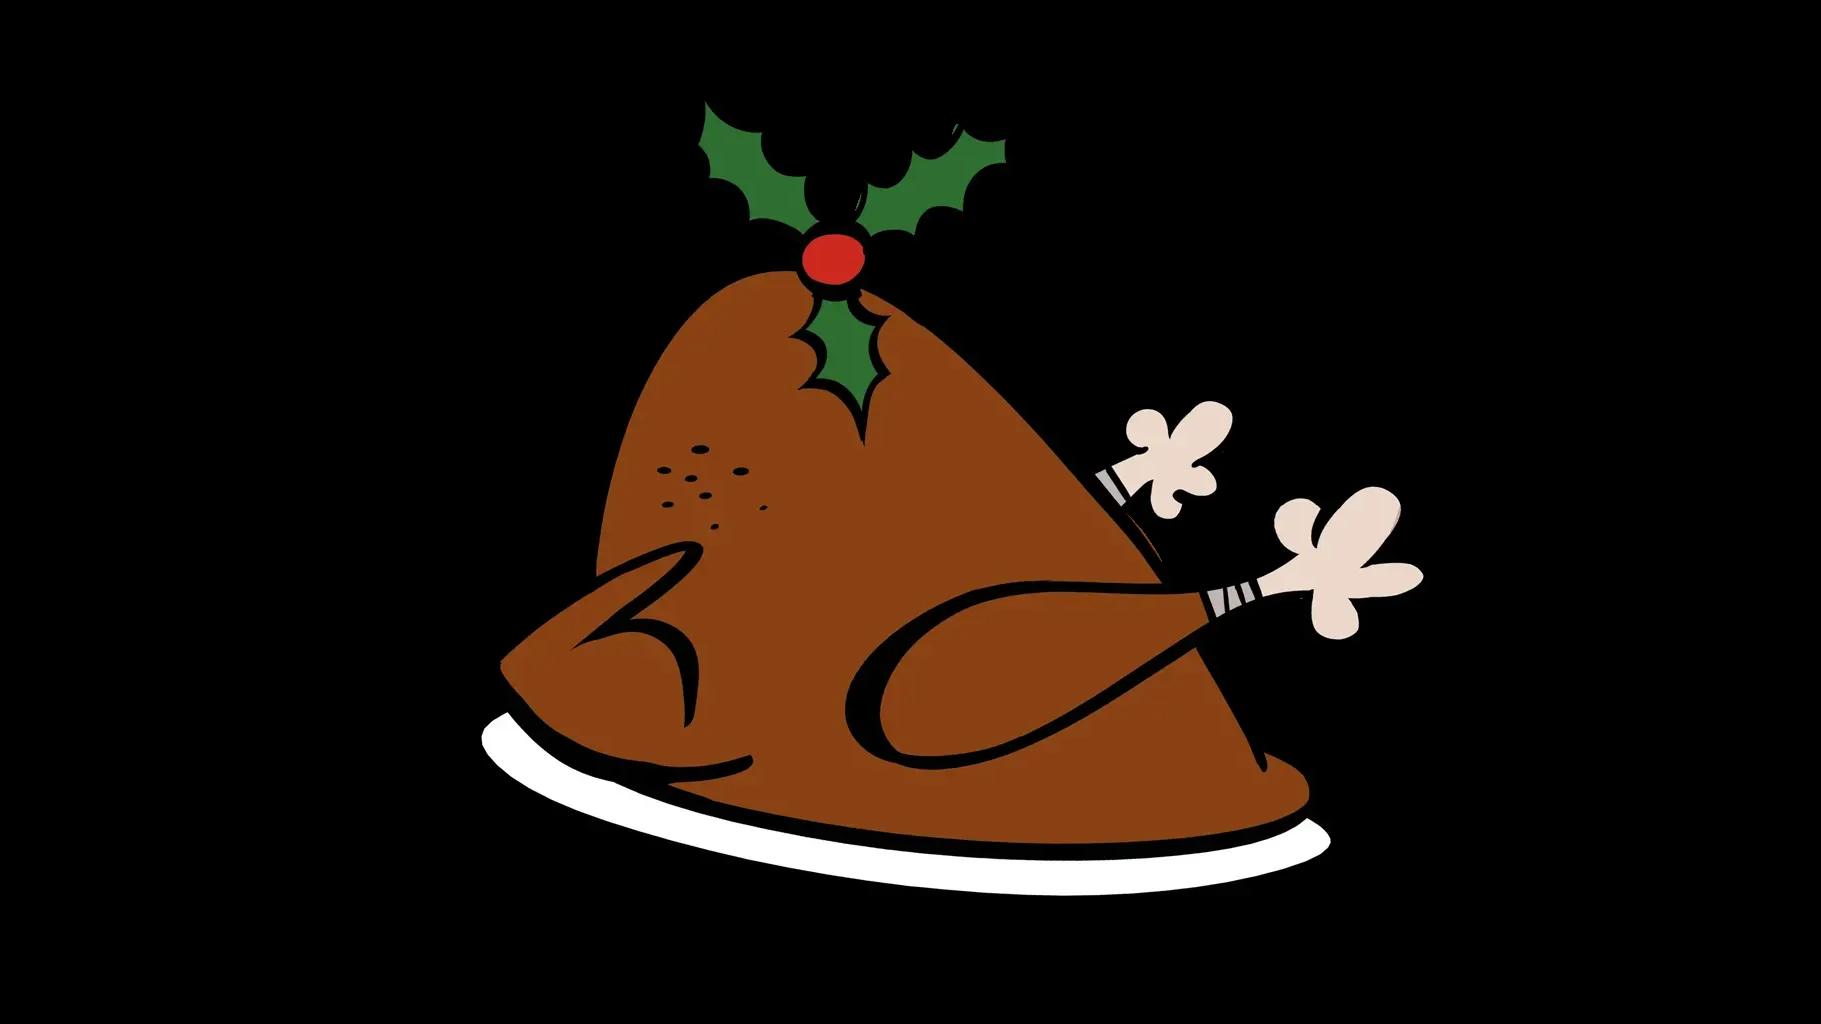 illustrated turk